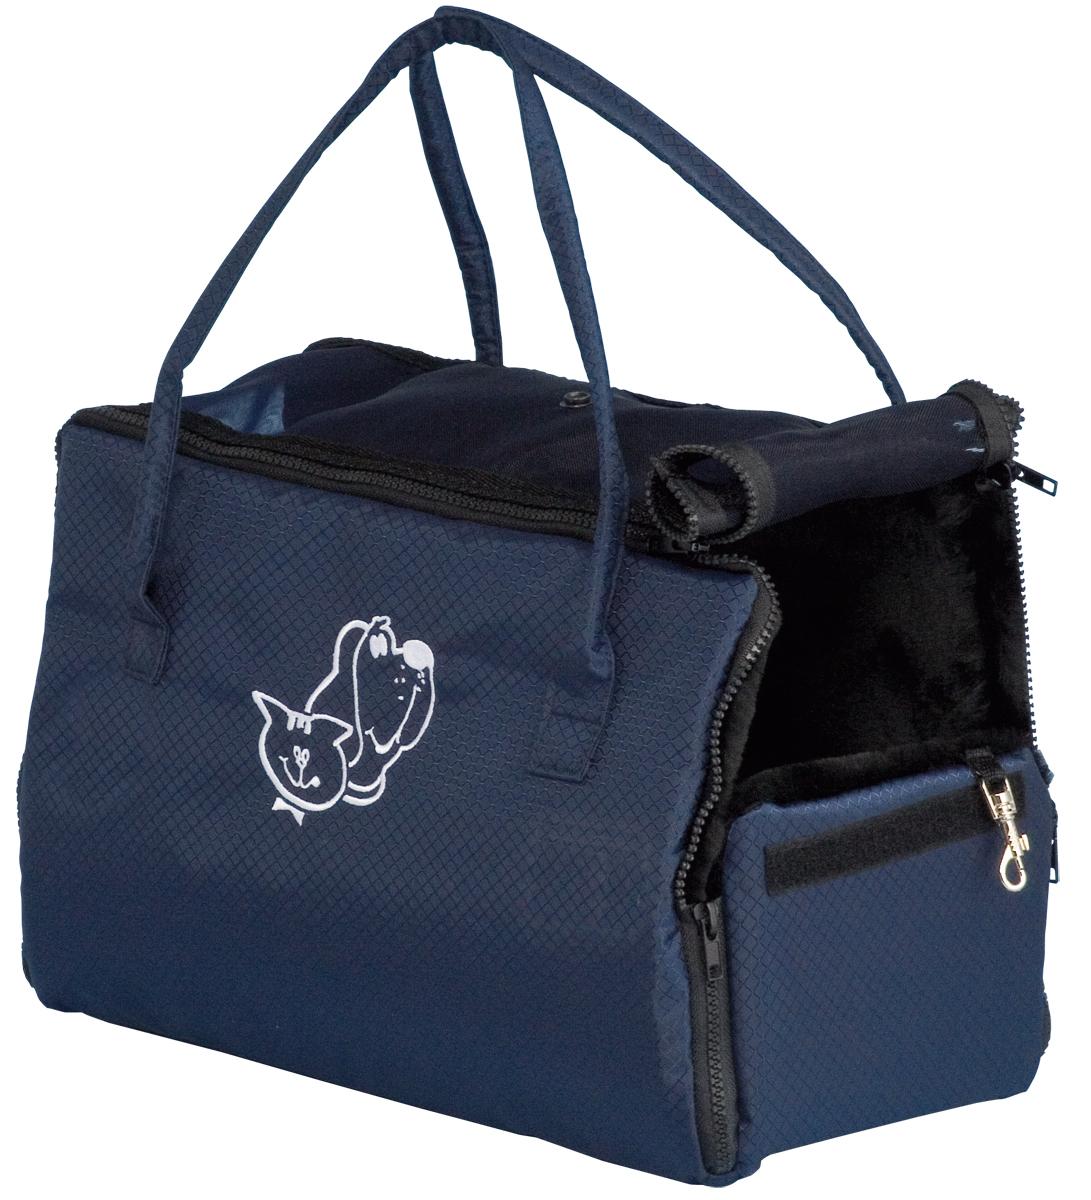 Переноска для животных Зооник, цвет: синий, 38 х 18 х 31 см2276Сумка-переноска Зооник с аппликацией собака и кошка изготовлена из высококачественной ткани ПВХ темно-синего цвета в мелкую клетку. Ткань водонепроницаема, легко поддается чистке.Сумка предназначена как для кошек, так и для собак мелких пород. Внутри сумка отделана искусственным мехом черного цвета. С одной стороны окошко с сеткой и с клапанами на кнопках. Внутри вшит поводок для крепления ошейника.